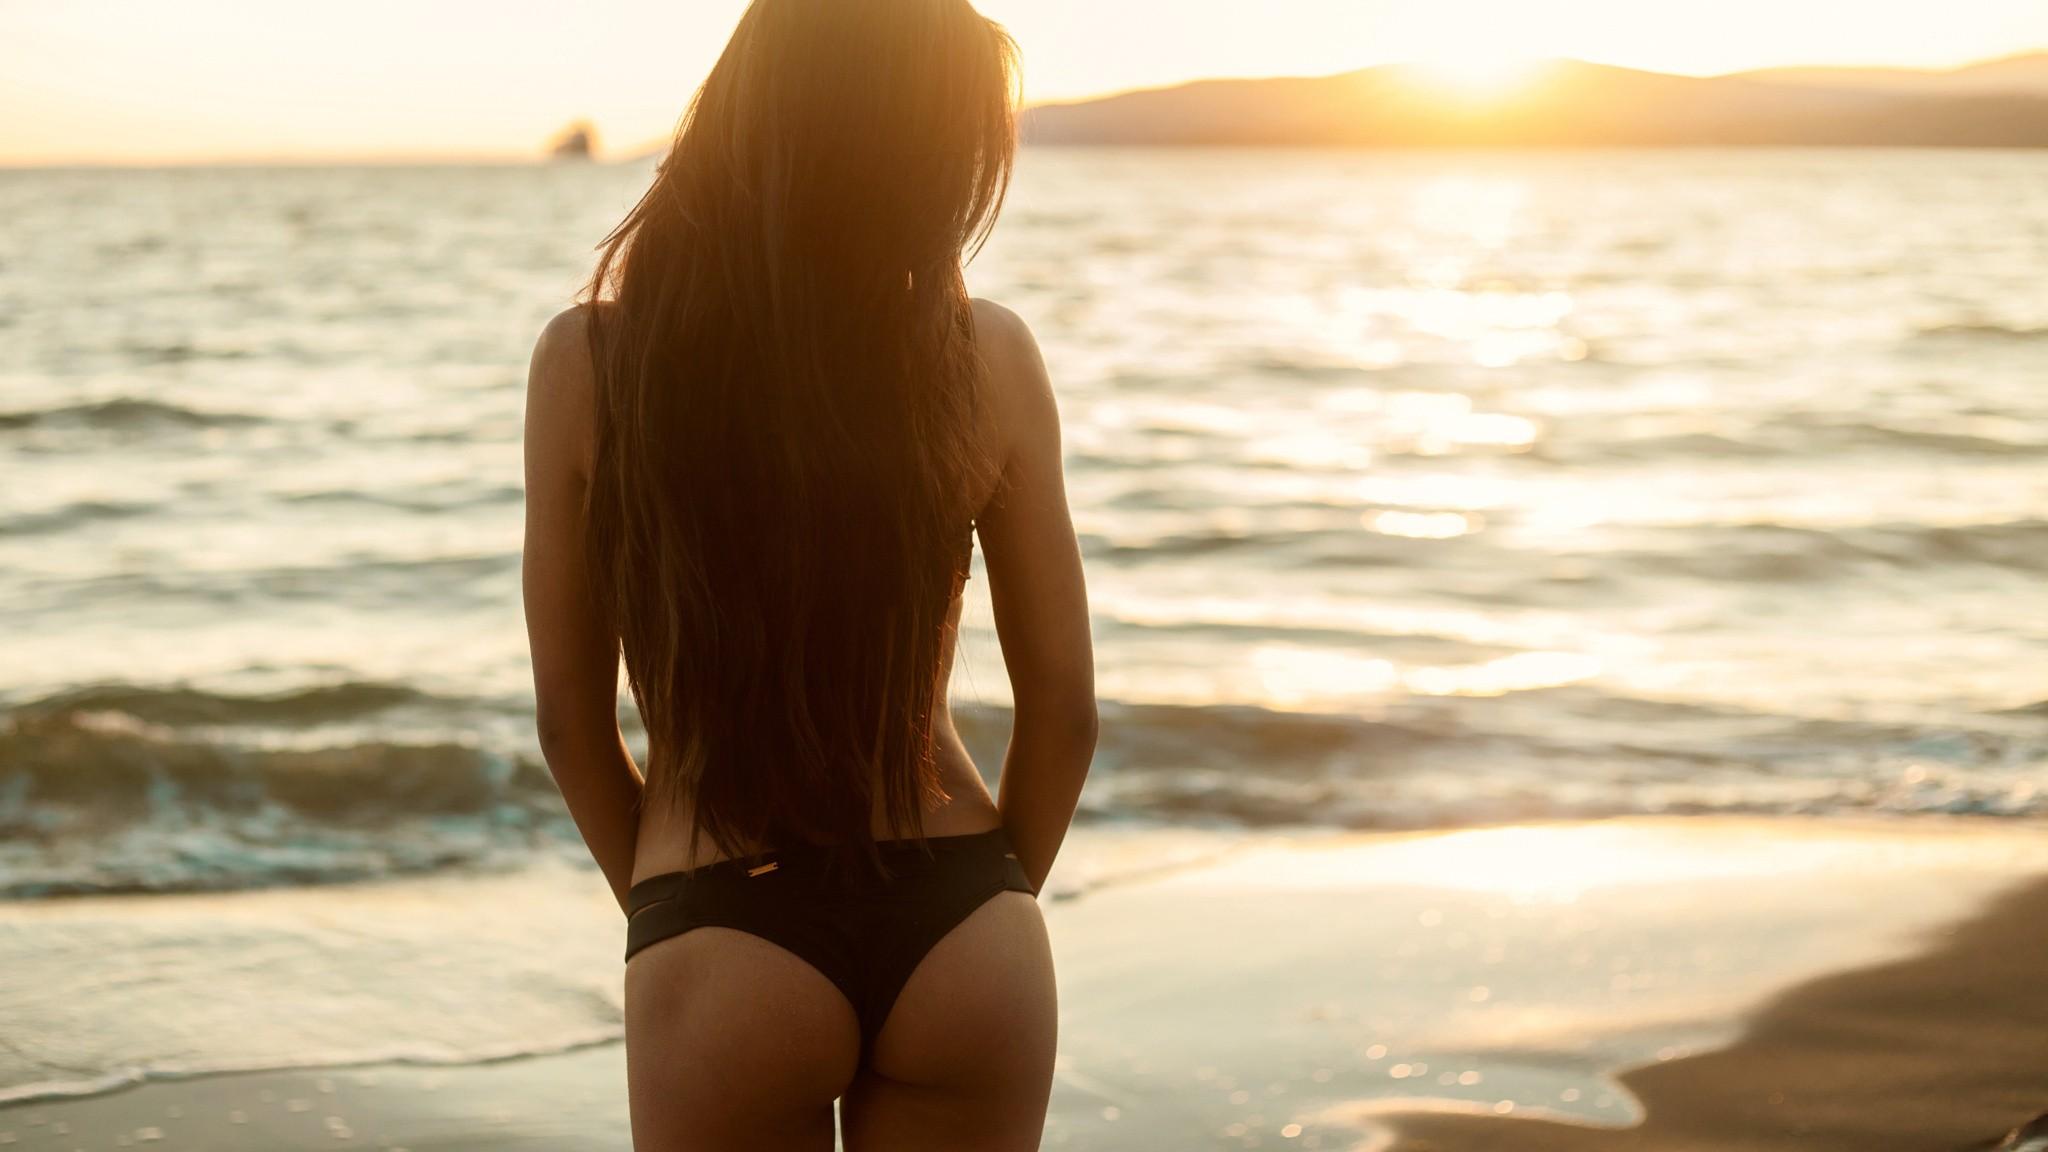 Фото-красивая женщина сзади чрезмерно увлекающиеся